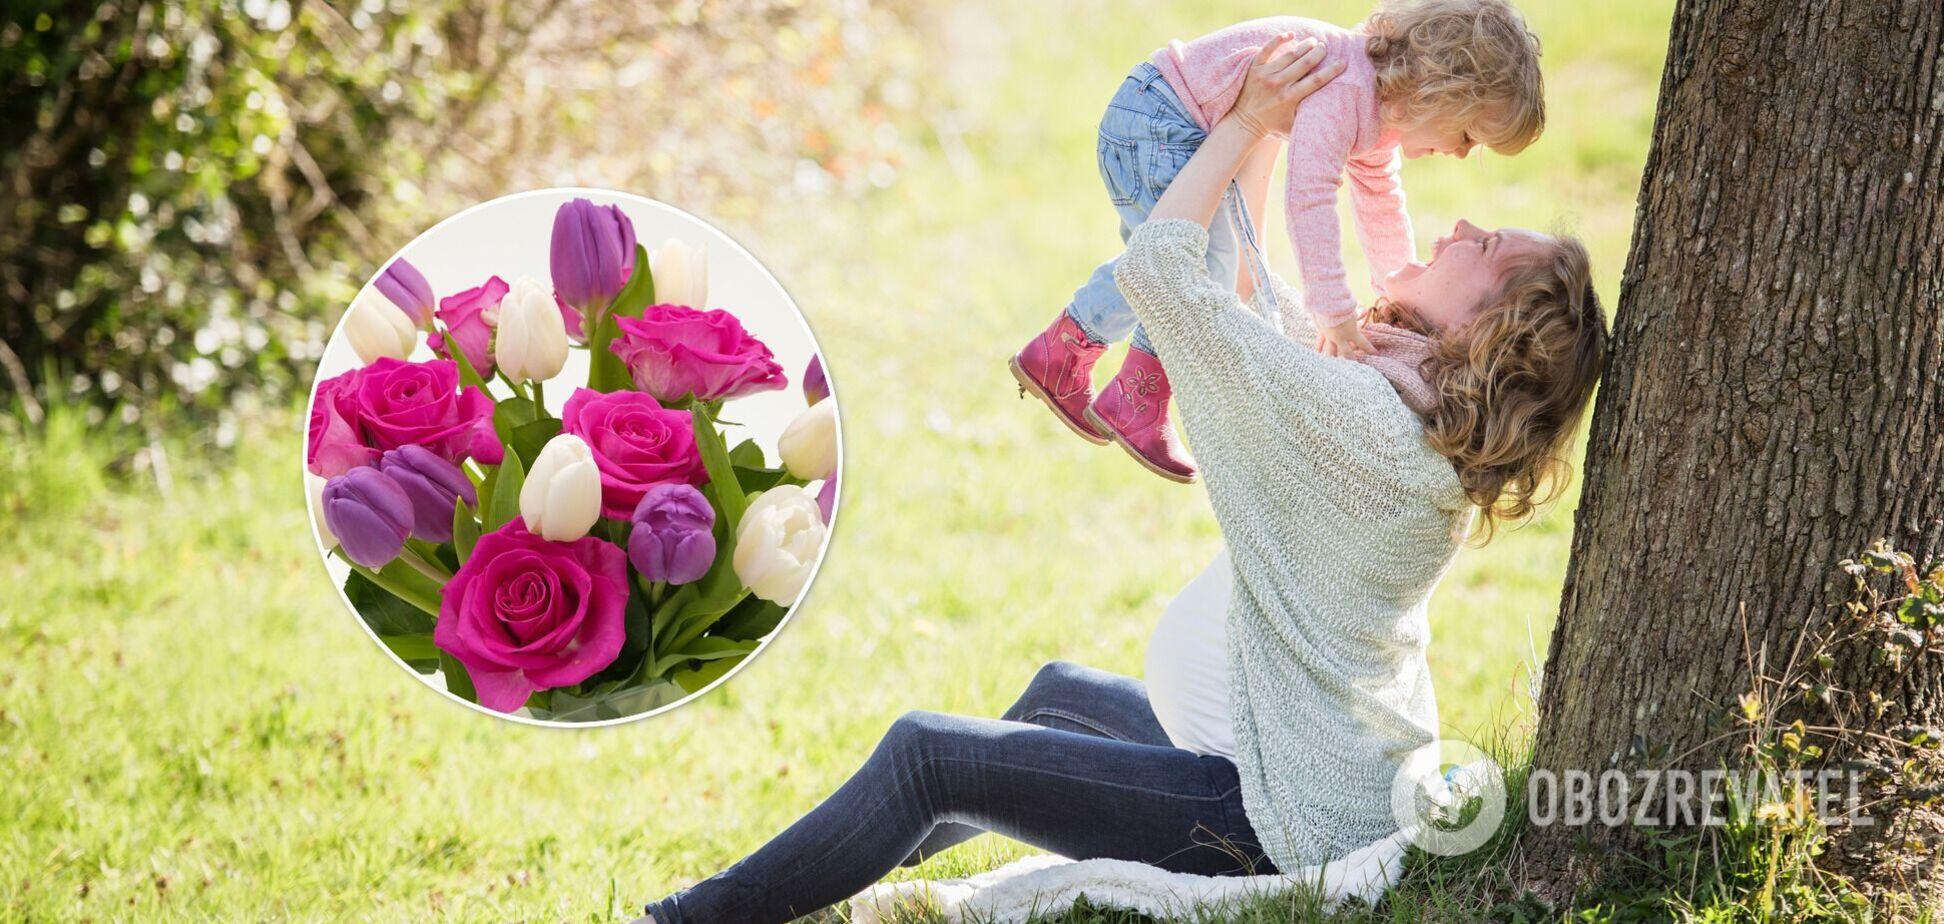 День матері в Україні 2021 року випадає на 9 травня